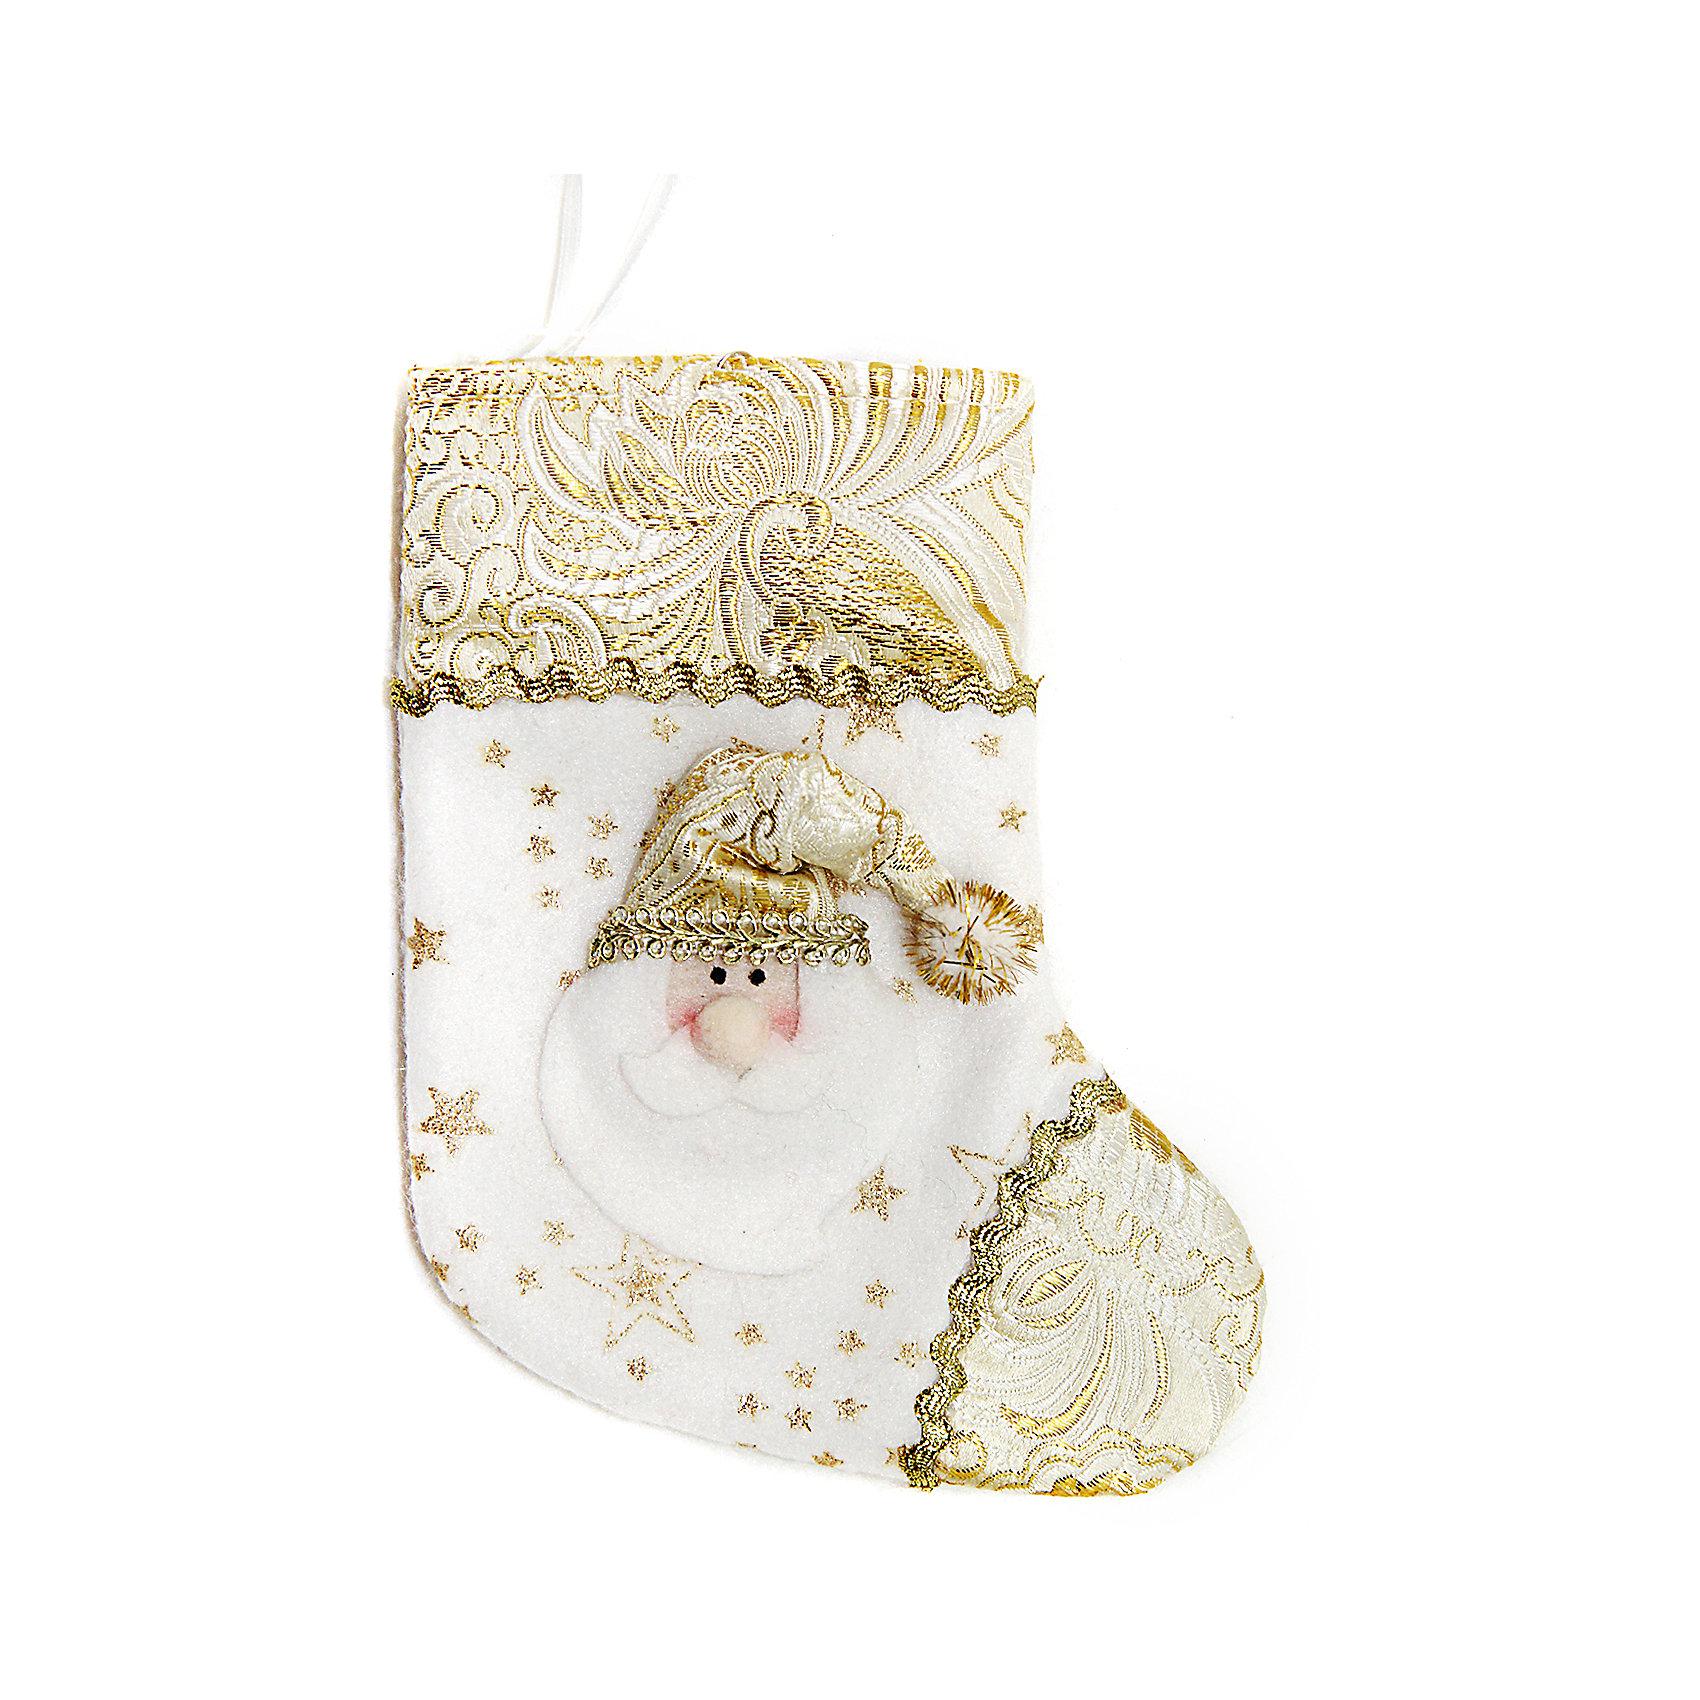 Подарочный носок 18 см, золотоПодарочный носок золотого цвета украсит ваш интерьер и придаст ему новогоднее настроение.Размер носка 18 см.<br><br>Ширина мм: 135<br>Глубина мм: 180<br>Высота мм: 20<br>Вес г: 12<br>Возраст от месяцев: 36<br>Возраст до месяцев: 420<br>Пол: Унисекс<br>Возраст: Детский<br>SKU: 5078429